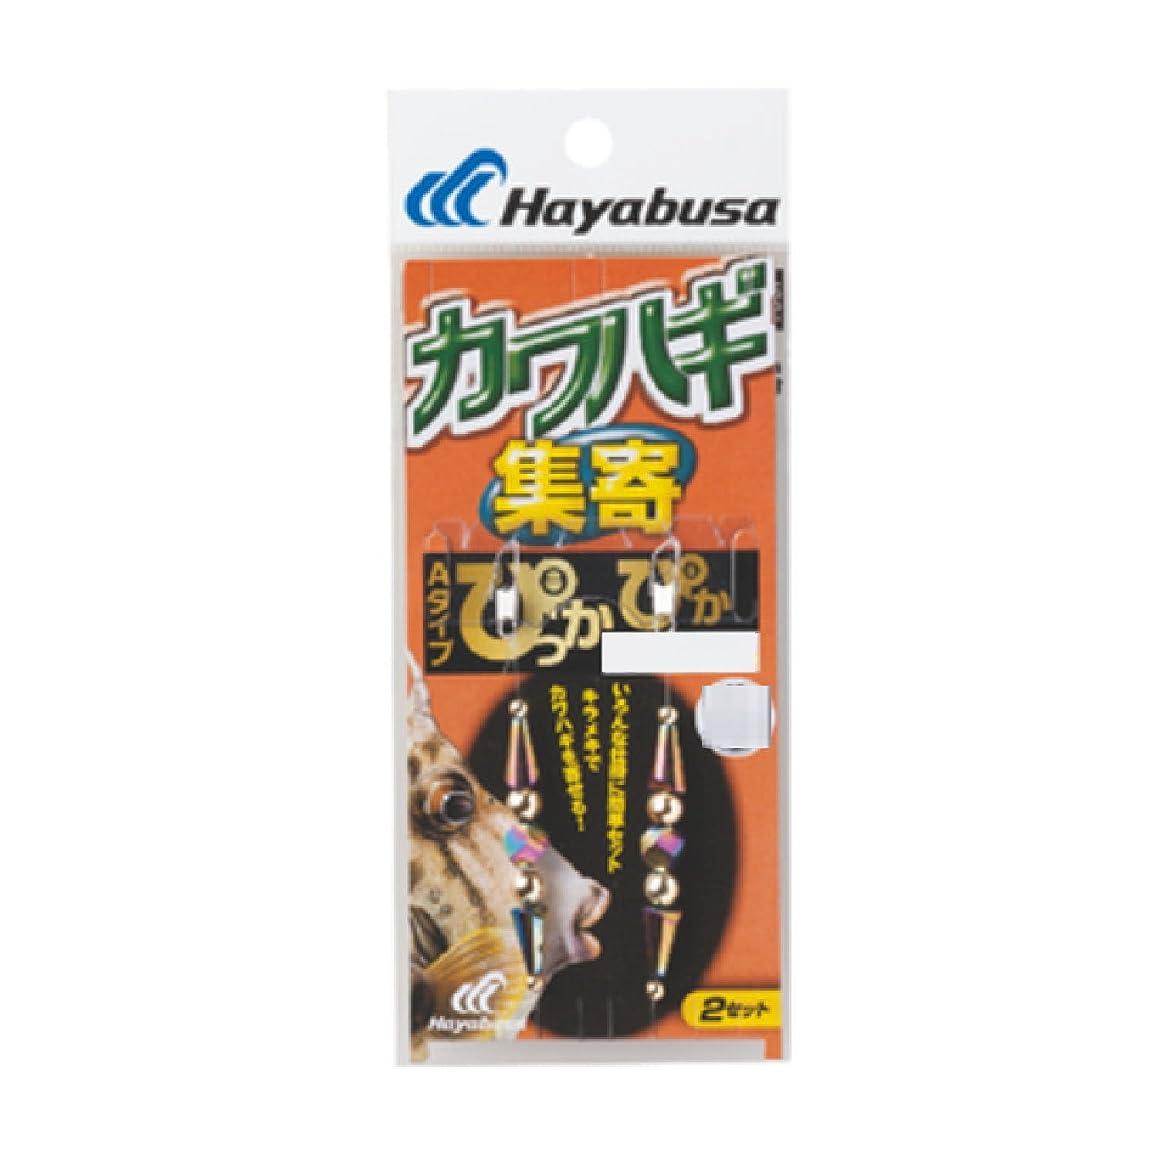 通信する終了しました簡単にハヤブサ(Hayabusa) カワハギ 堤防カワハギ集寄 2セット入 P320 B